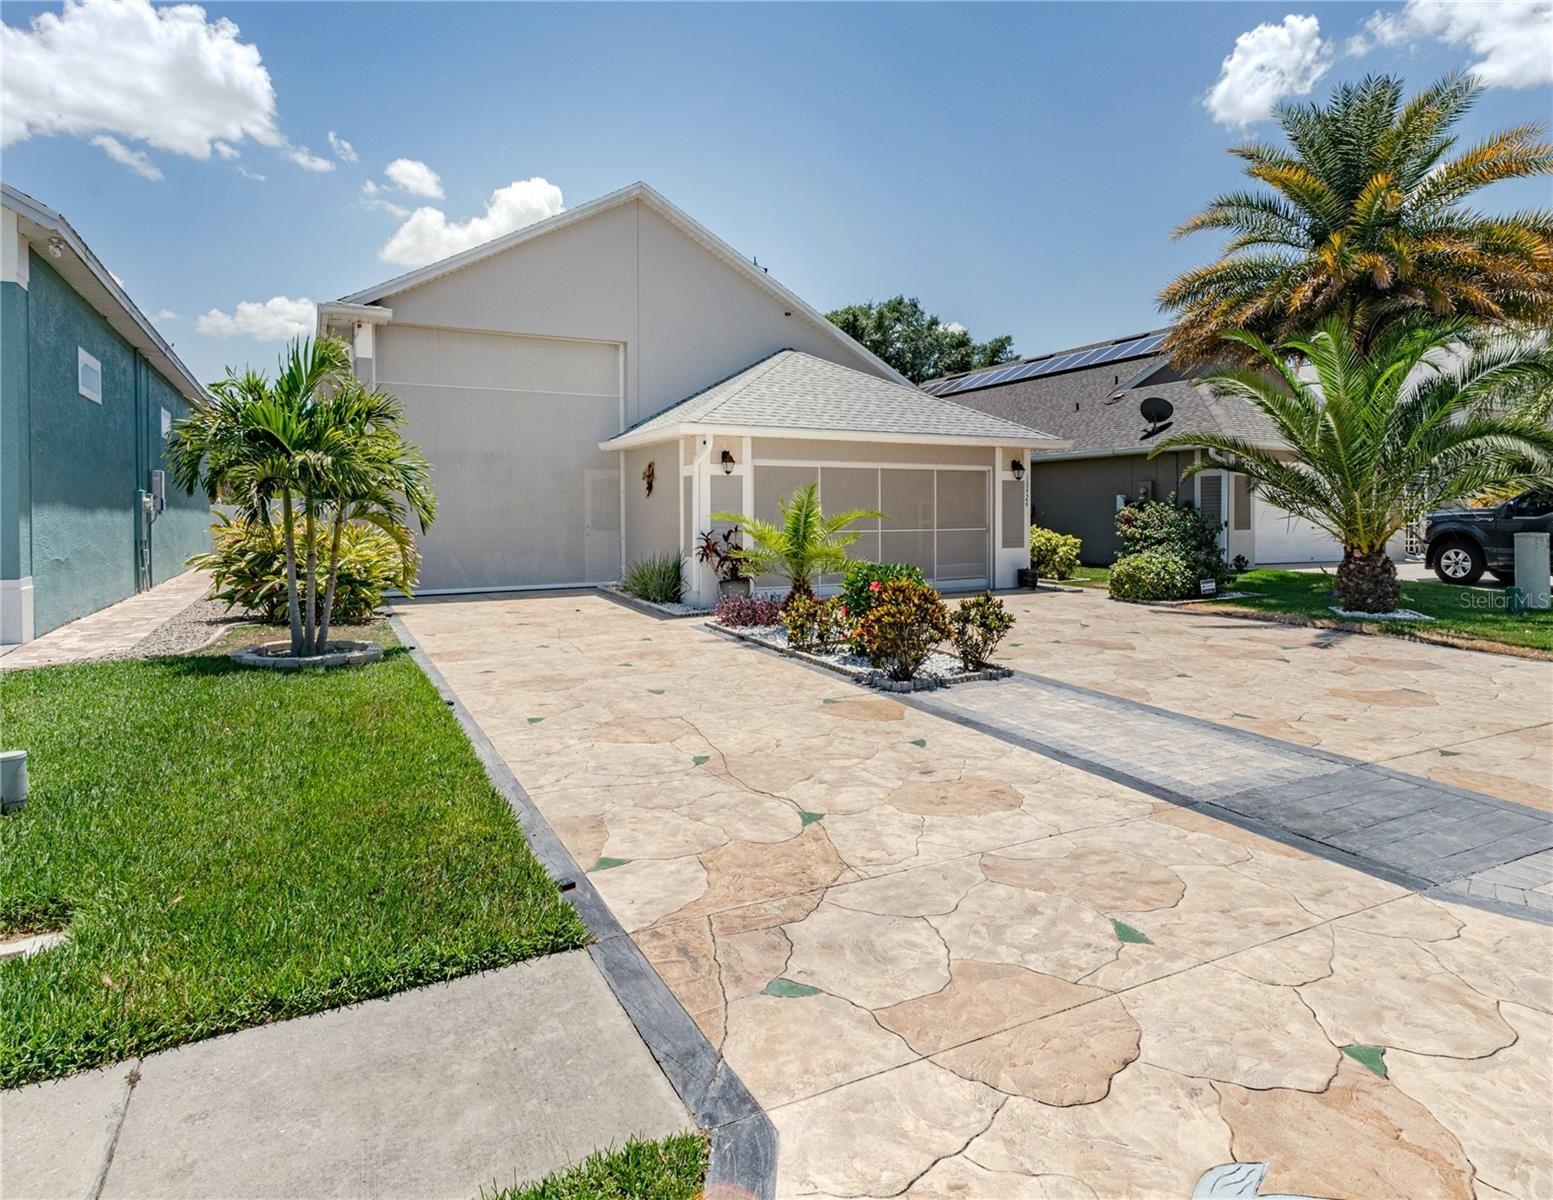 16424 CITRUS PKWY, Clermont, FL 34714 - #: G5042790